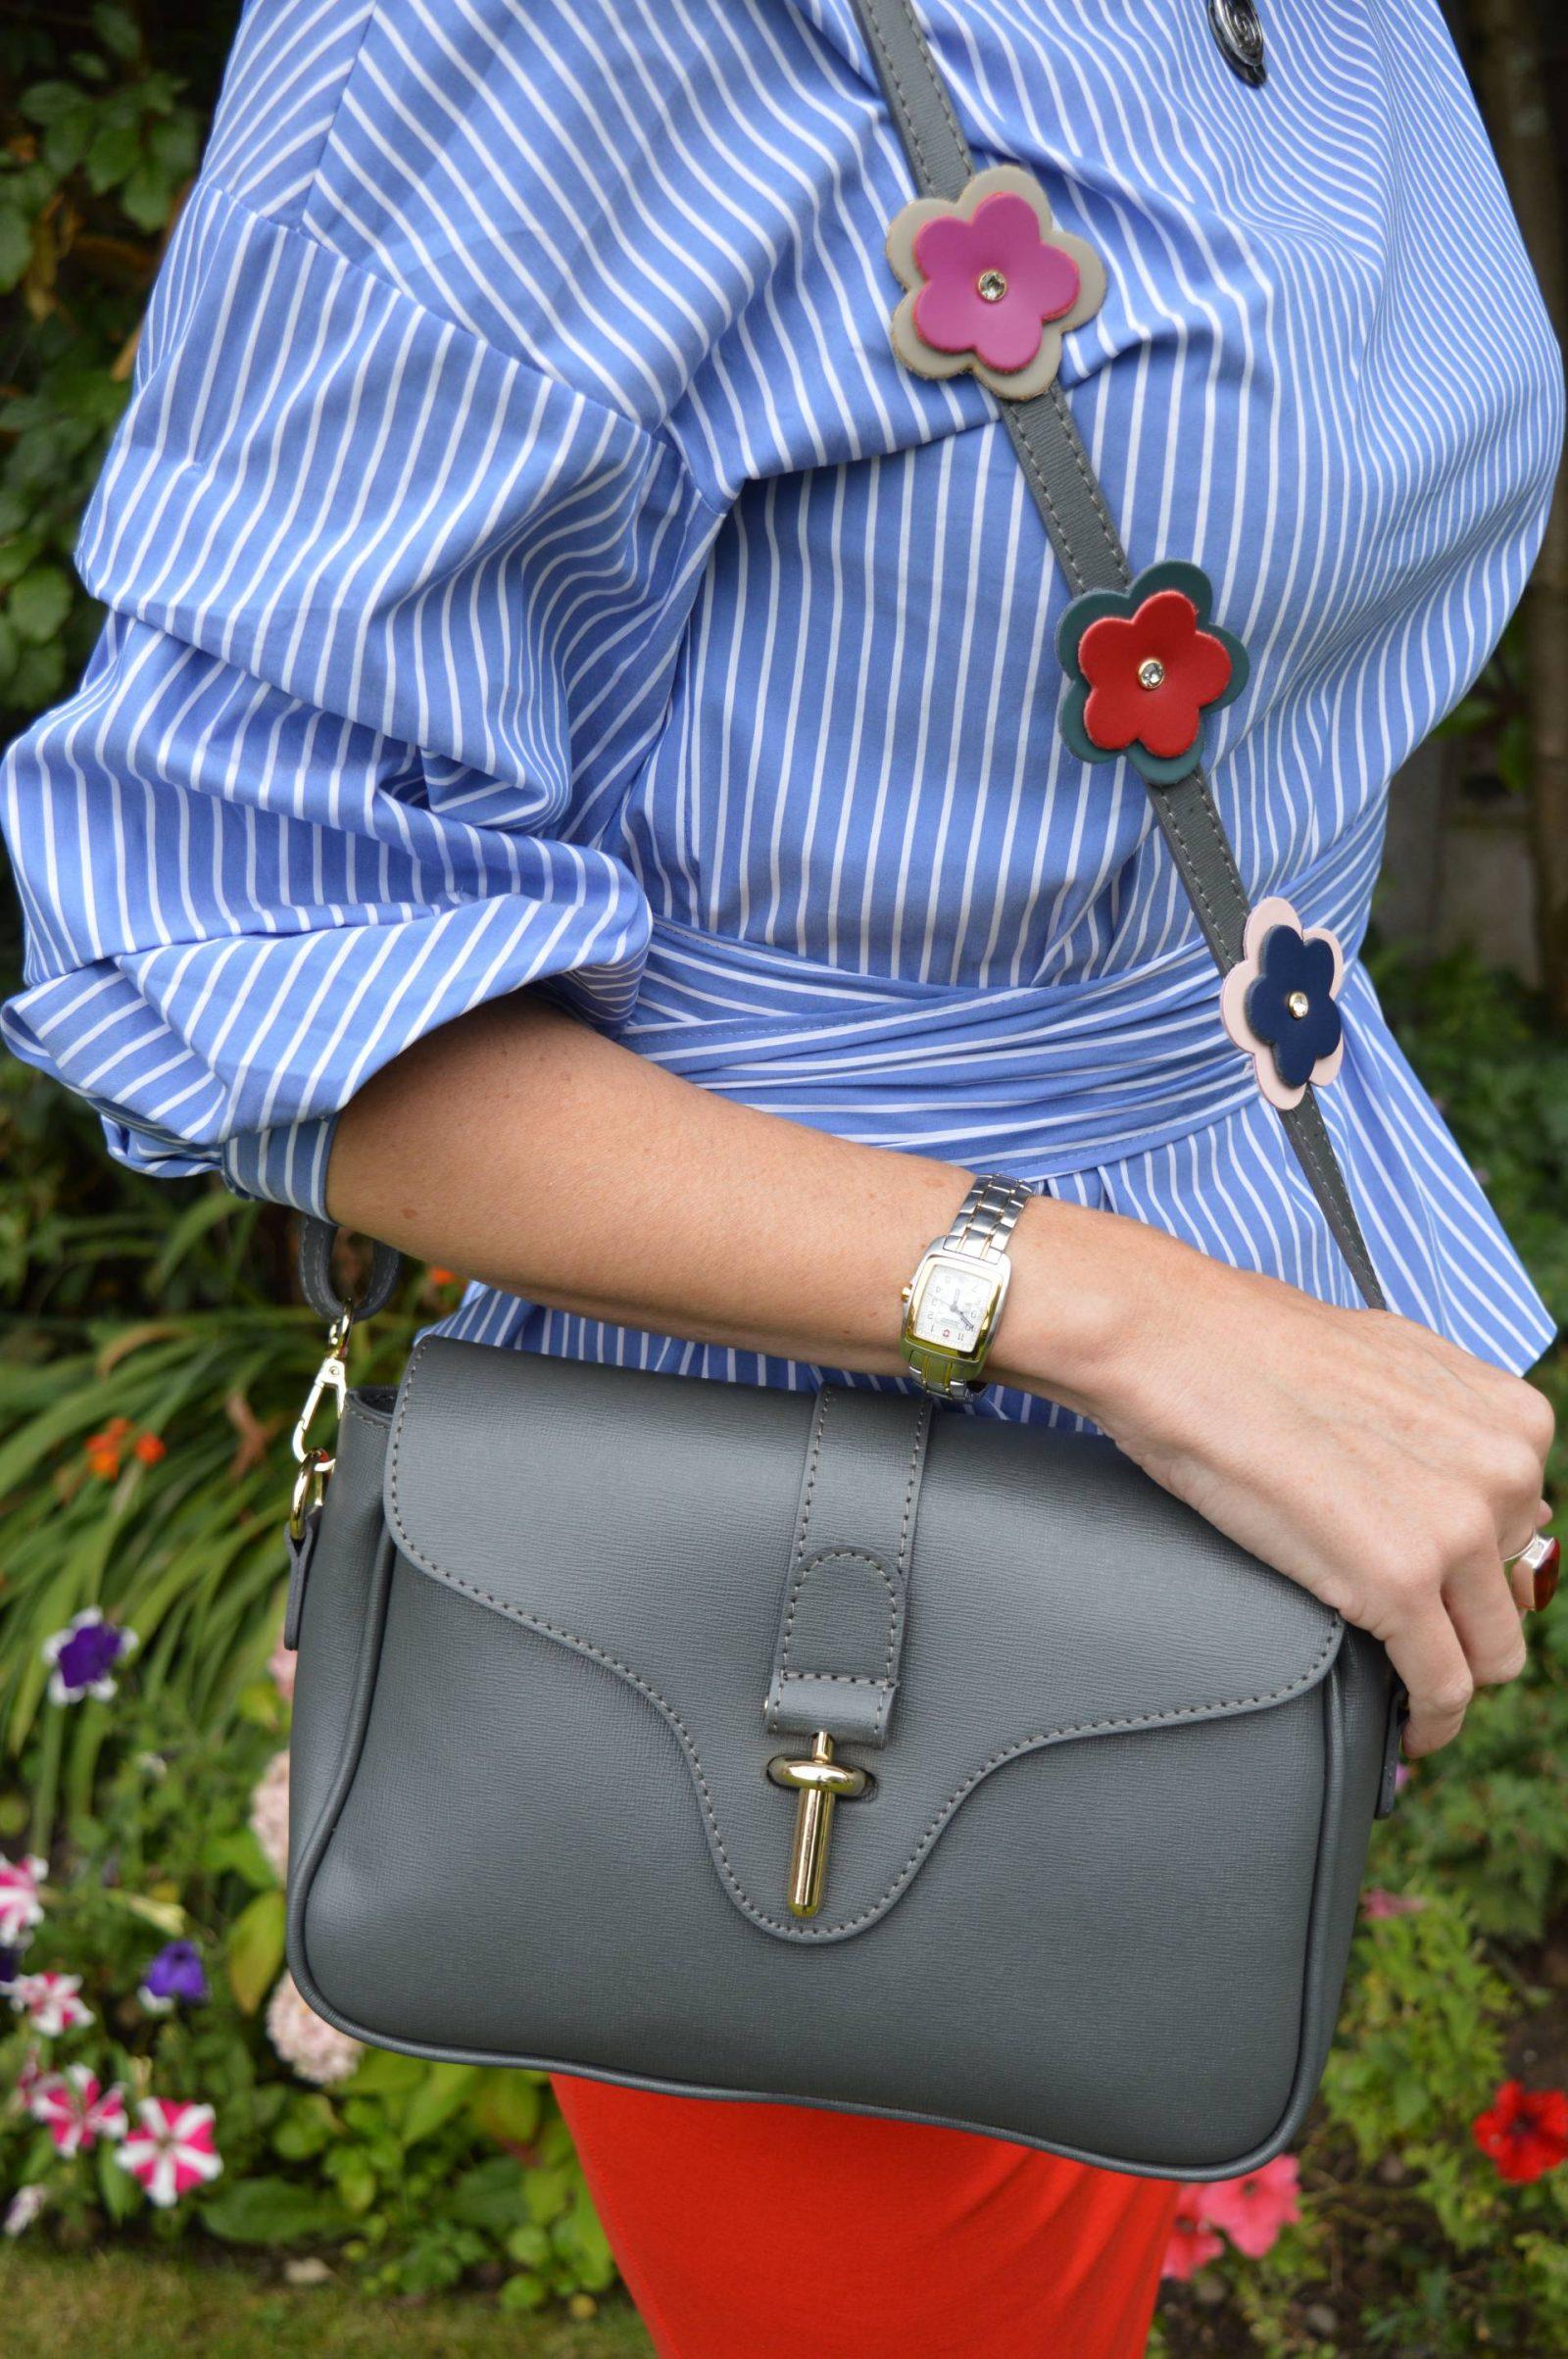 Zara striped wrap top, grey bag with flower strap